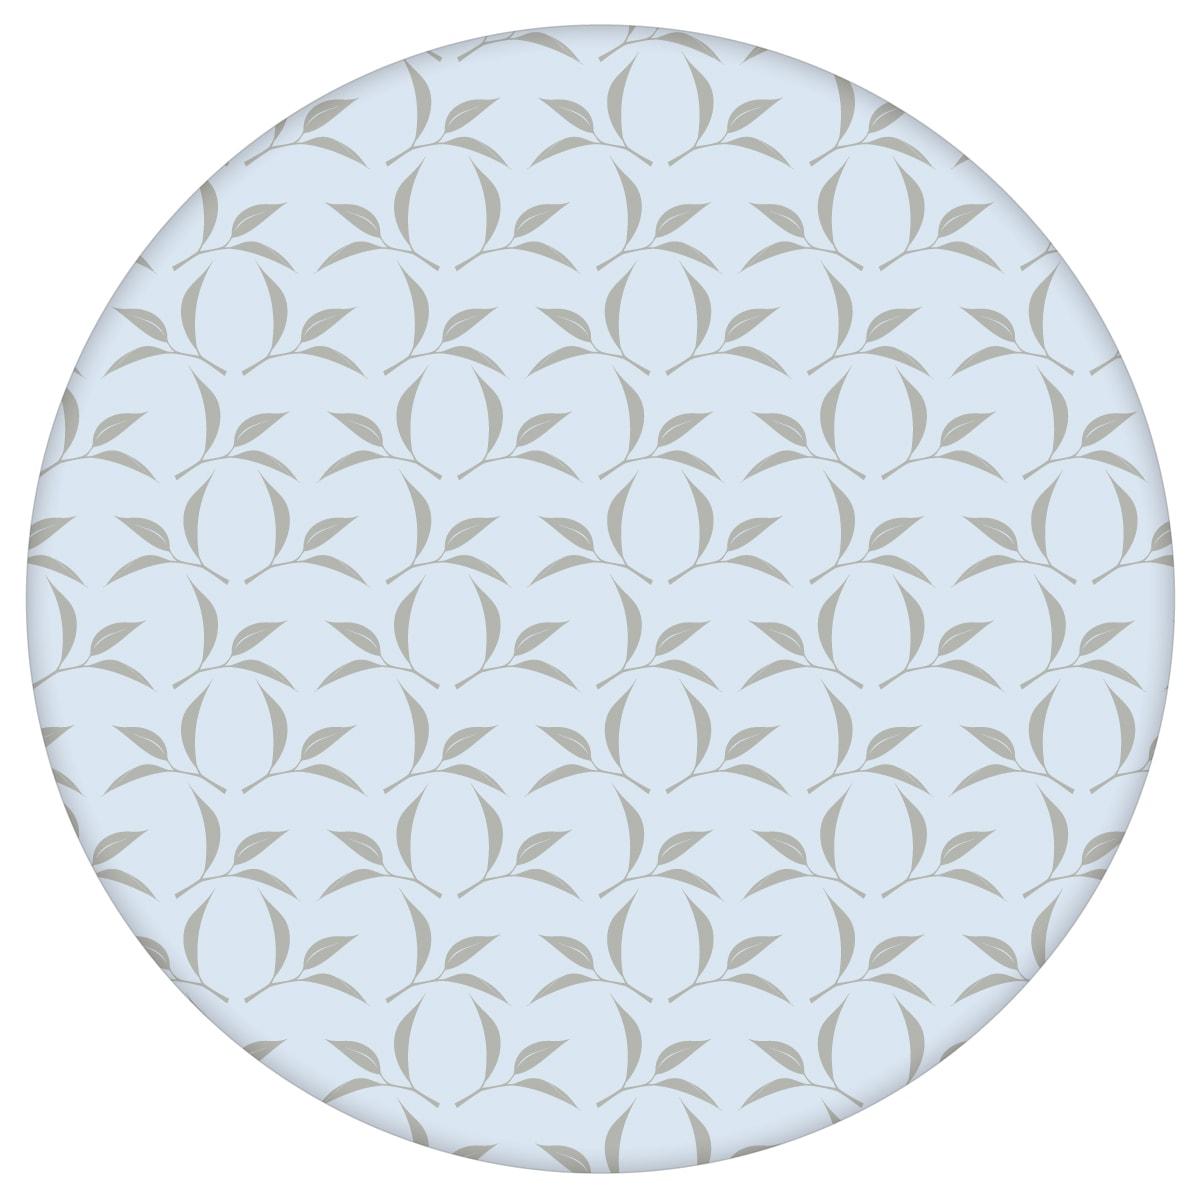 Ornament Tapete Tea Time mit Tee Blättern in grau, Design Tapete für Ihr Zuhauseaus dem GMM-BERLIN.com Sortiment: blaue Tapete zur Raumgestaltung: #Ambiente #Blätter #Graue Tapeten #interior #interiordesign #Tee #wohnzimmerGrafik für individuelles Interiordesign